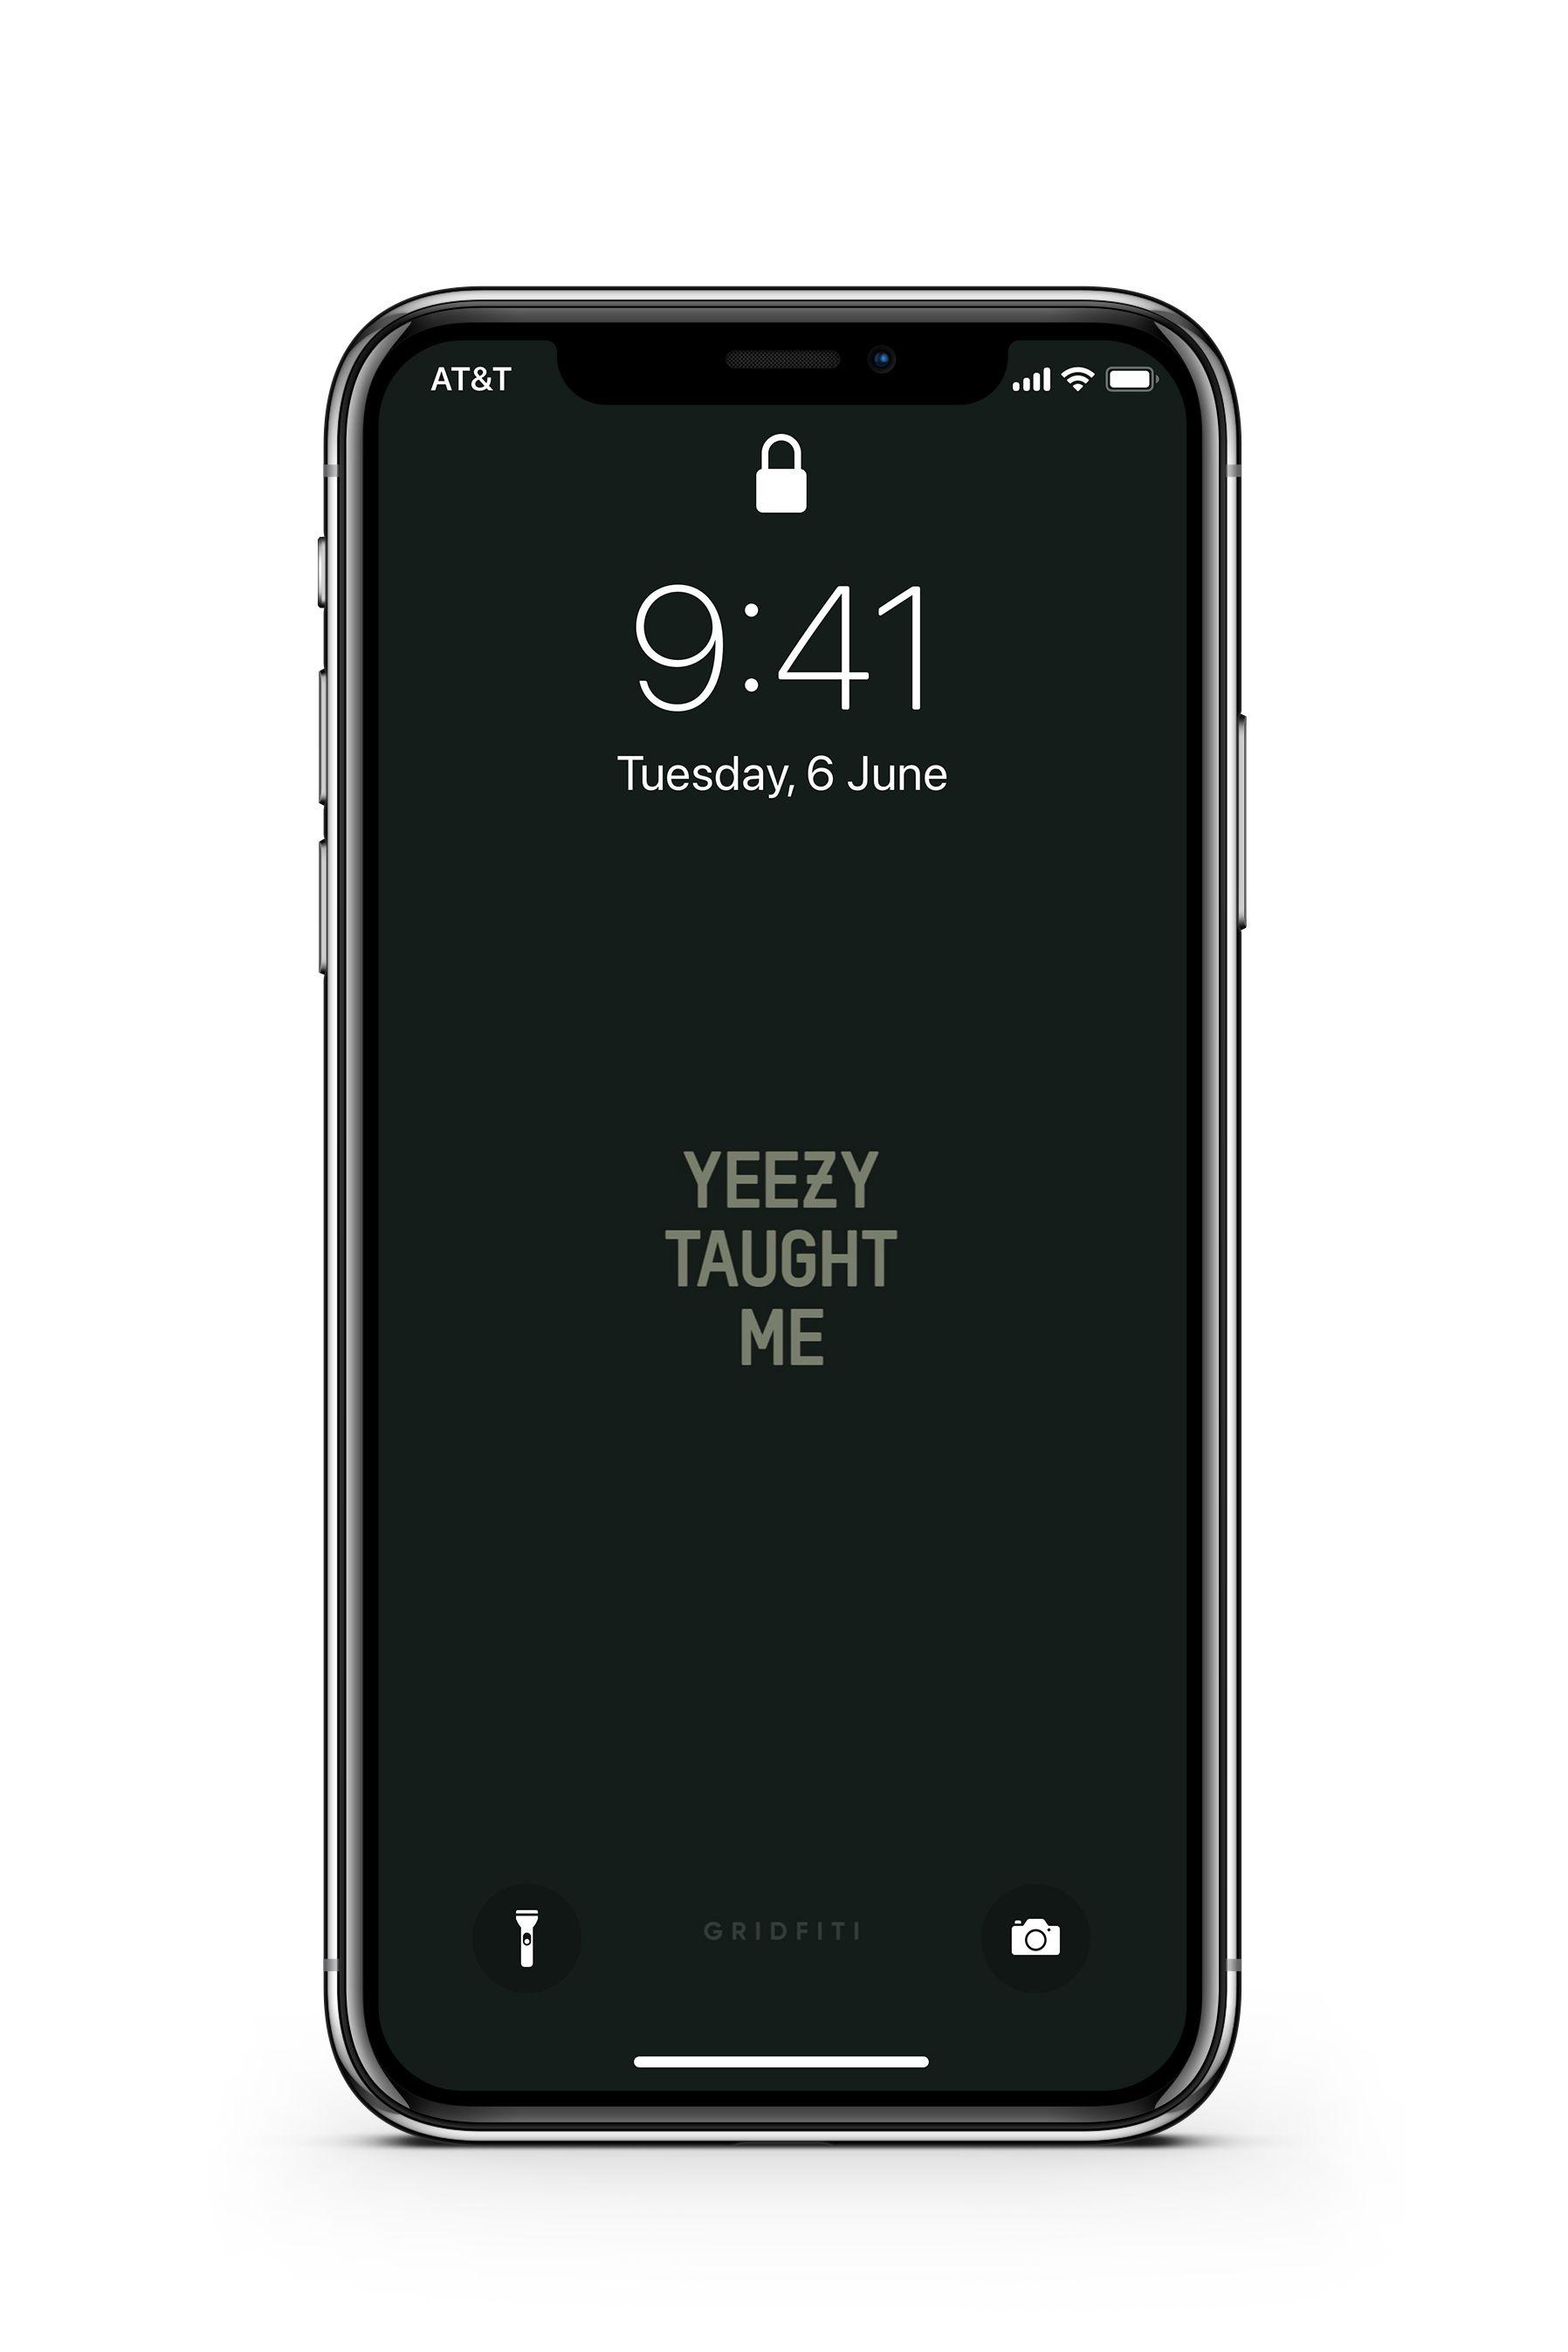 Yeezy Taught Me Wallpaper Kanye West Lyrics In 2020 Kanye West Lyrics Kanye West Albums Kanye West Wallpaper